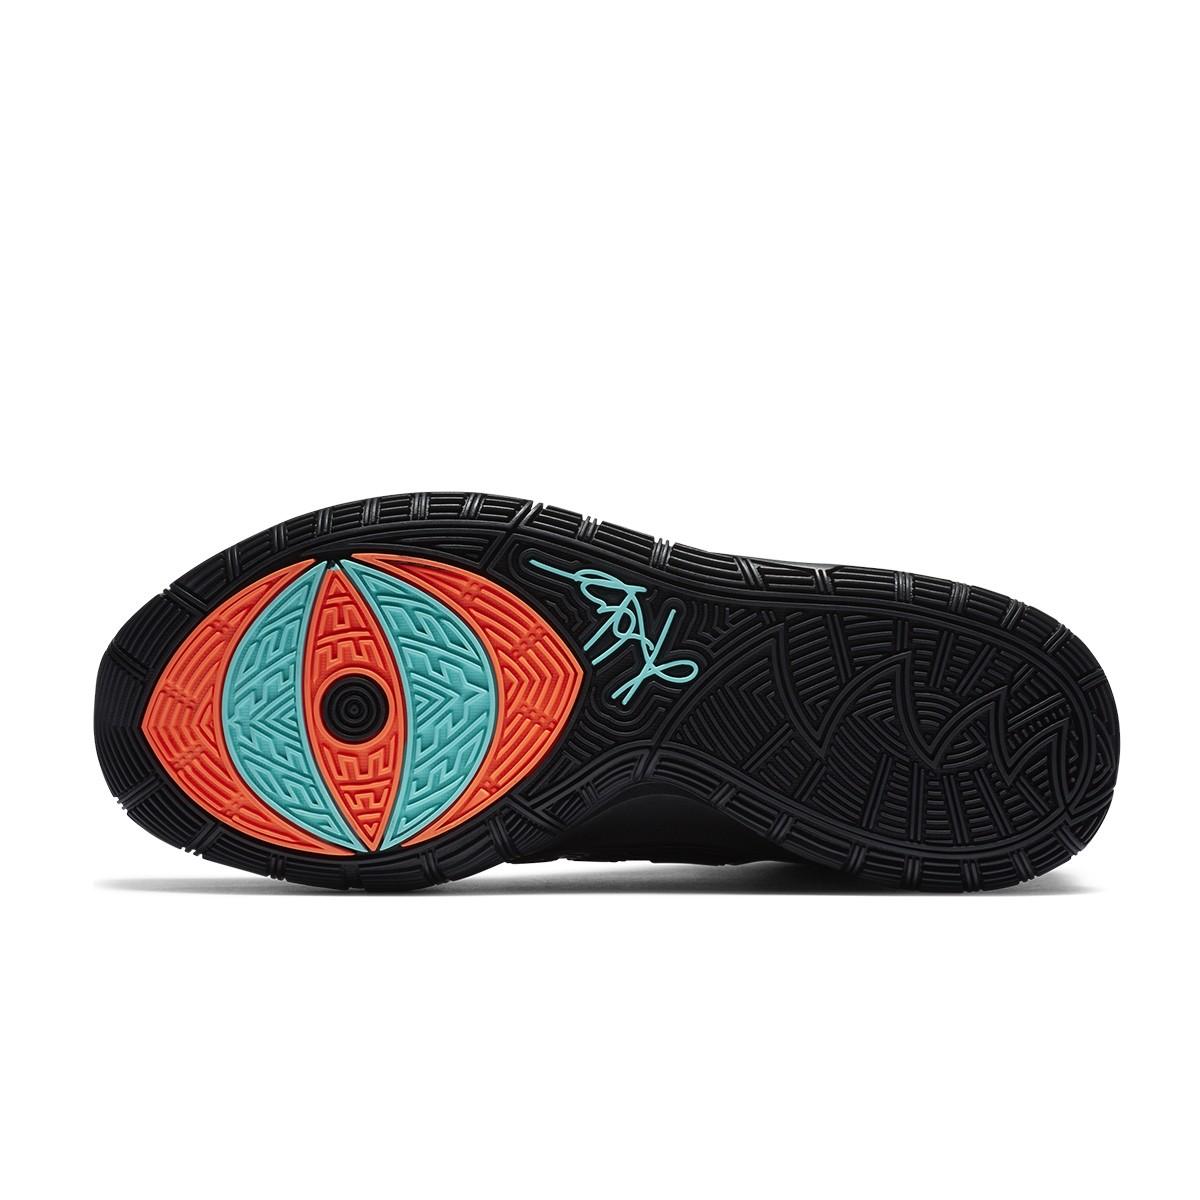 Nike Kyrie 6 'Shock Clock'-BQ4630-006